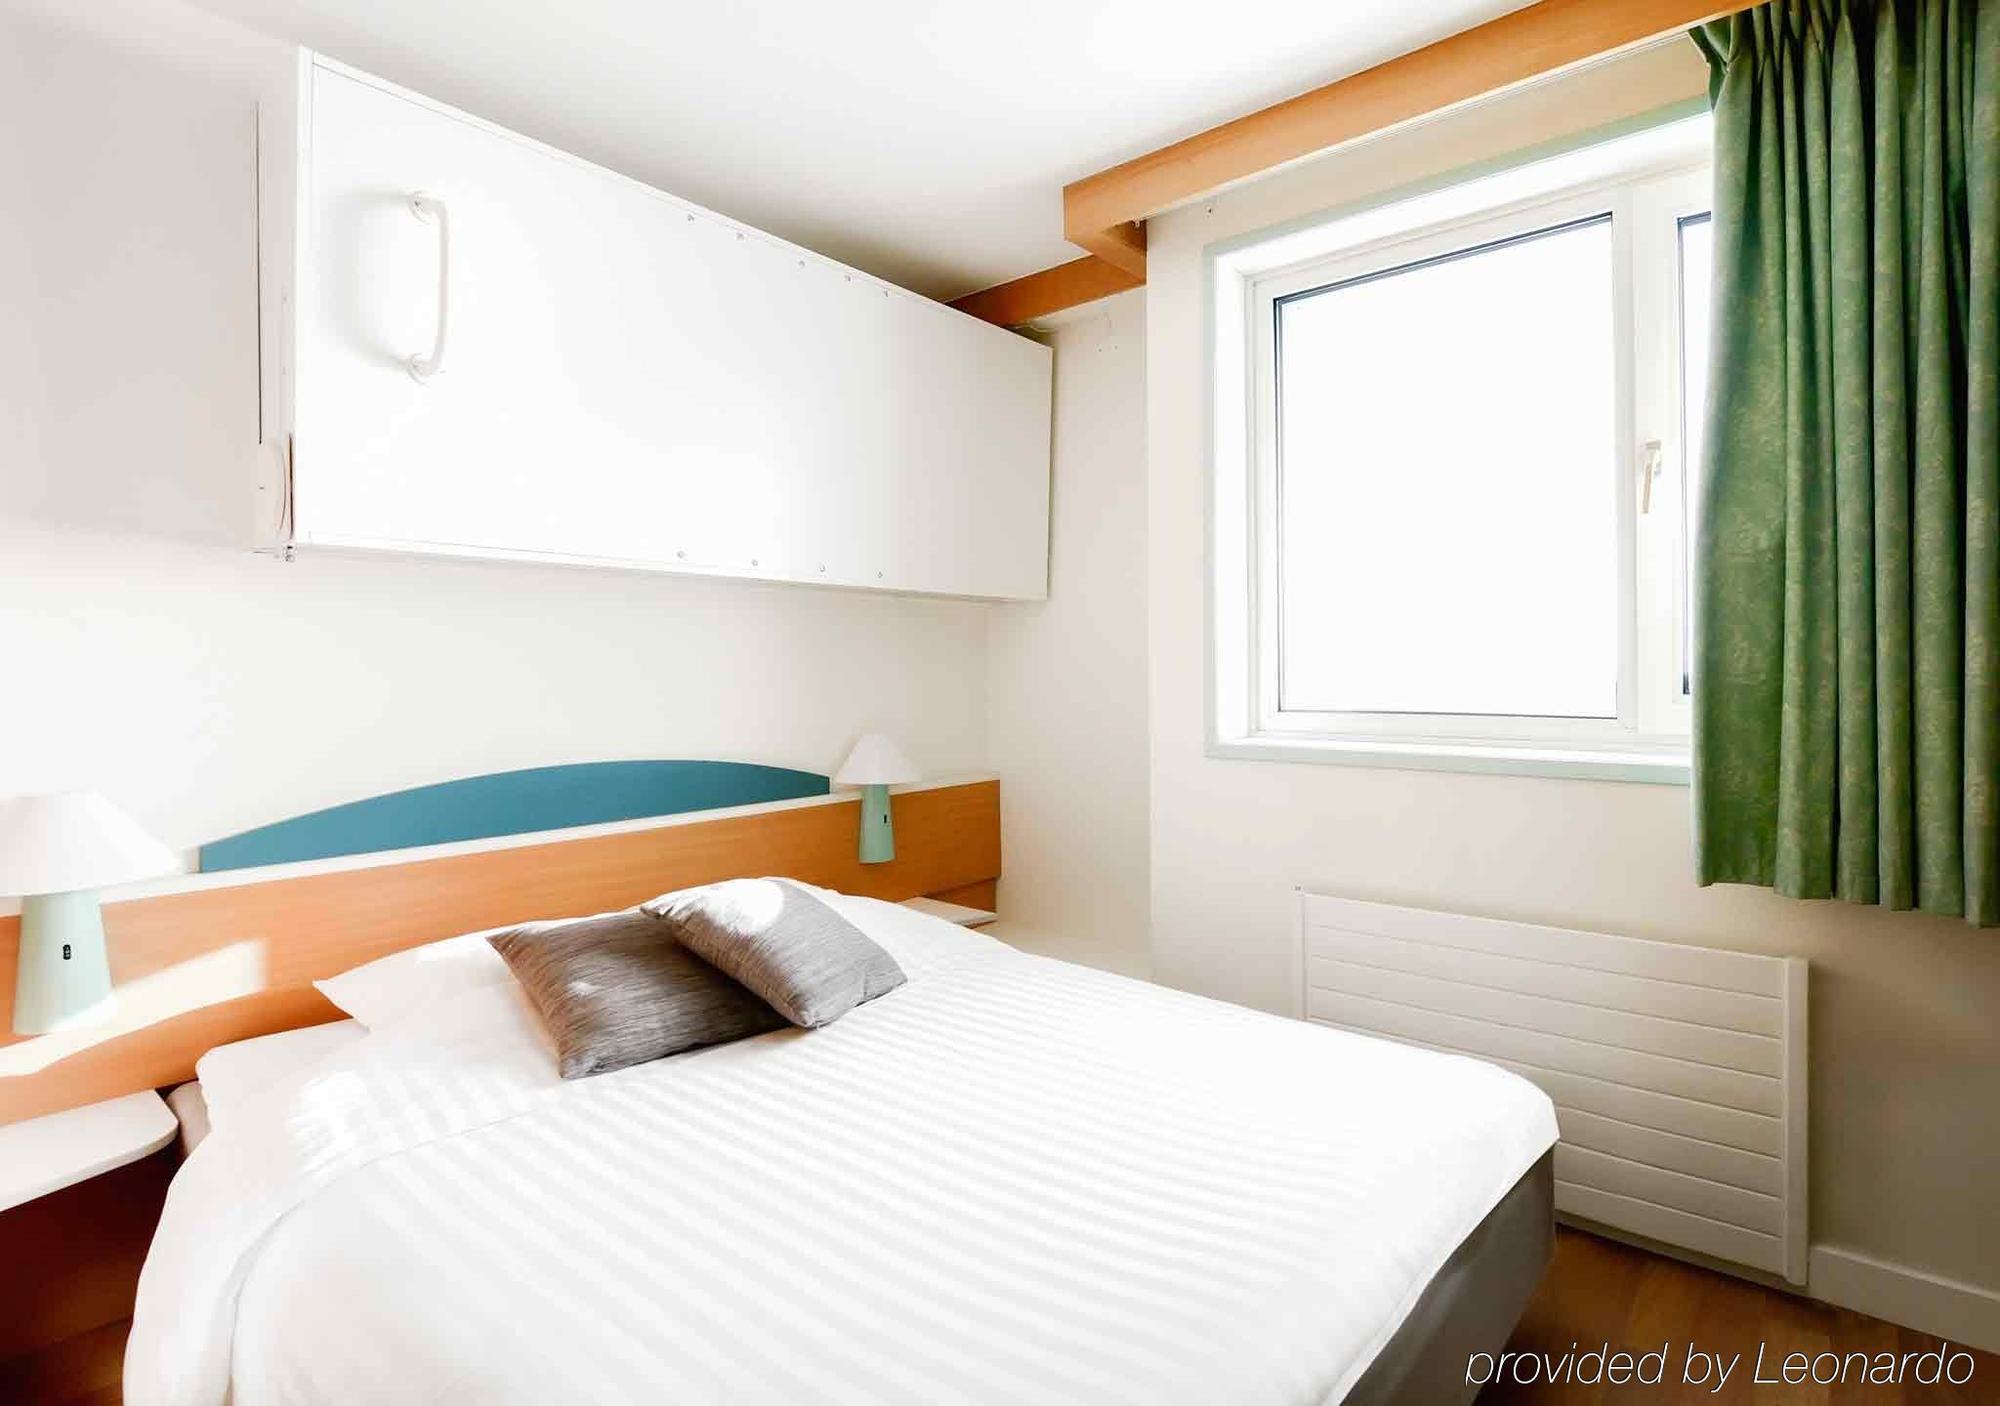 Hotell ibis styles goteborg molndal, gÖteborg ***